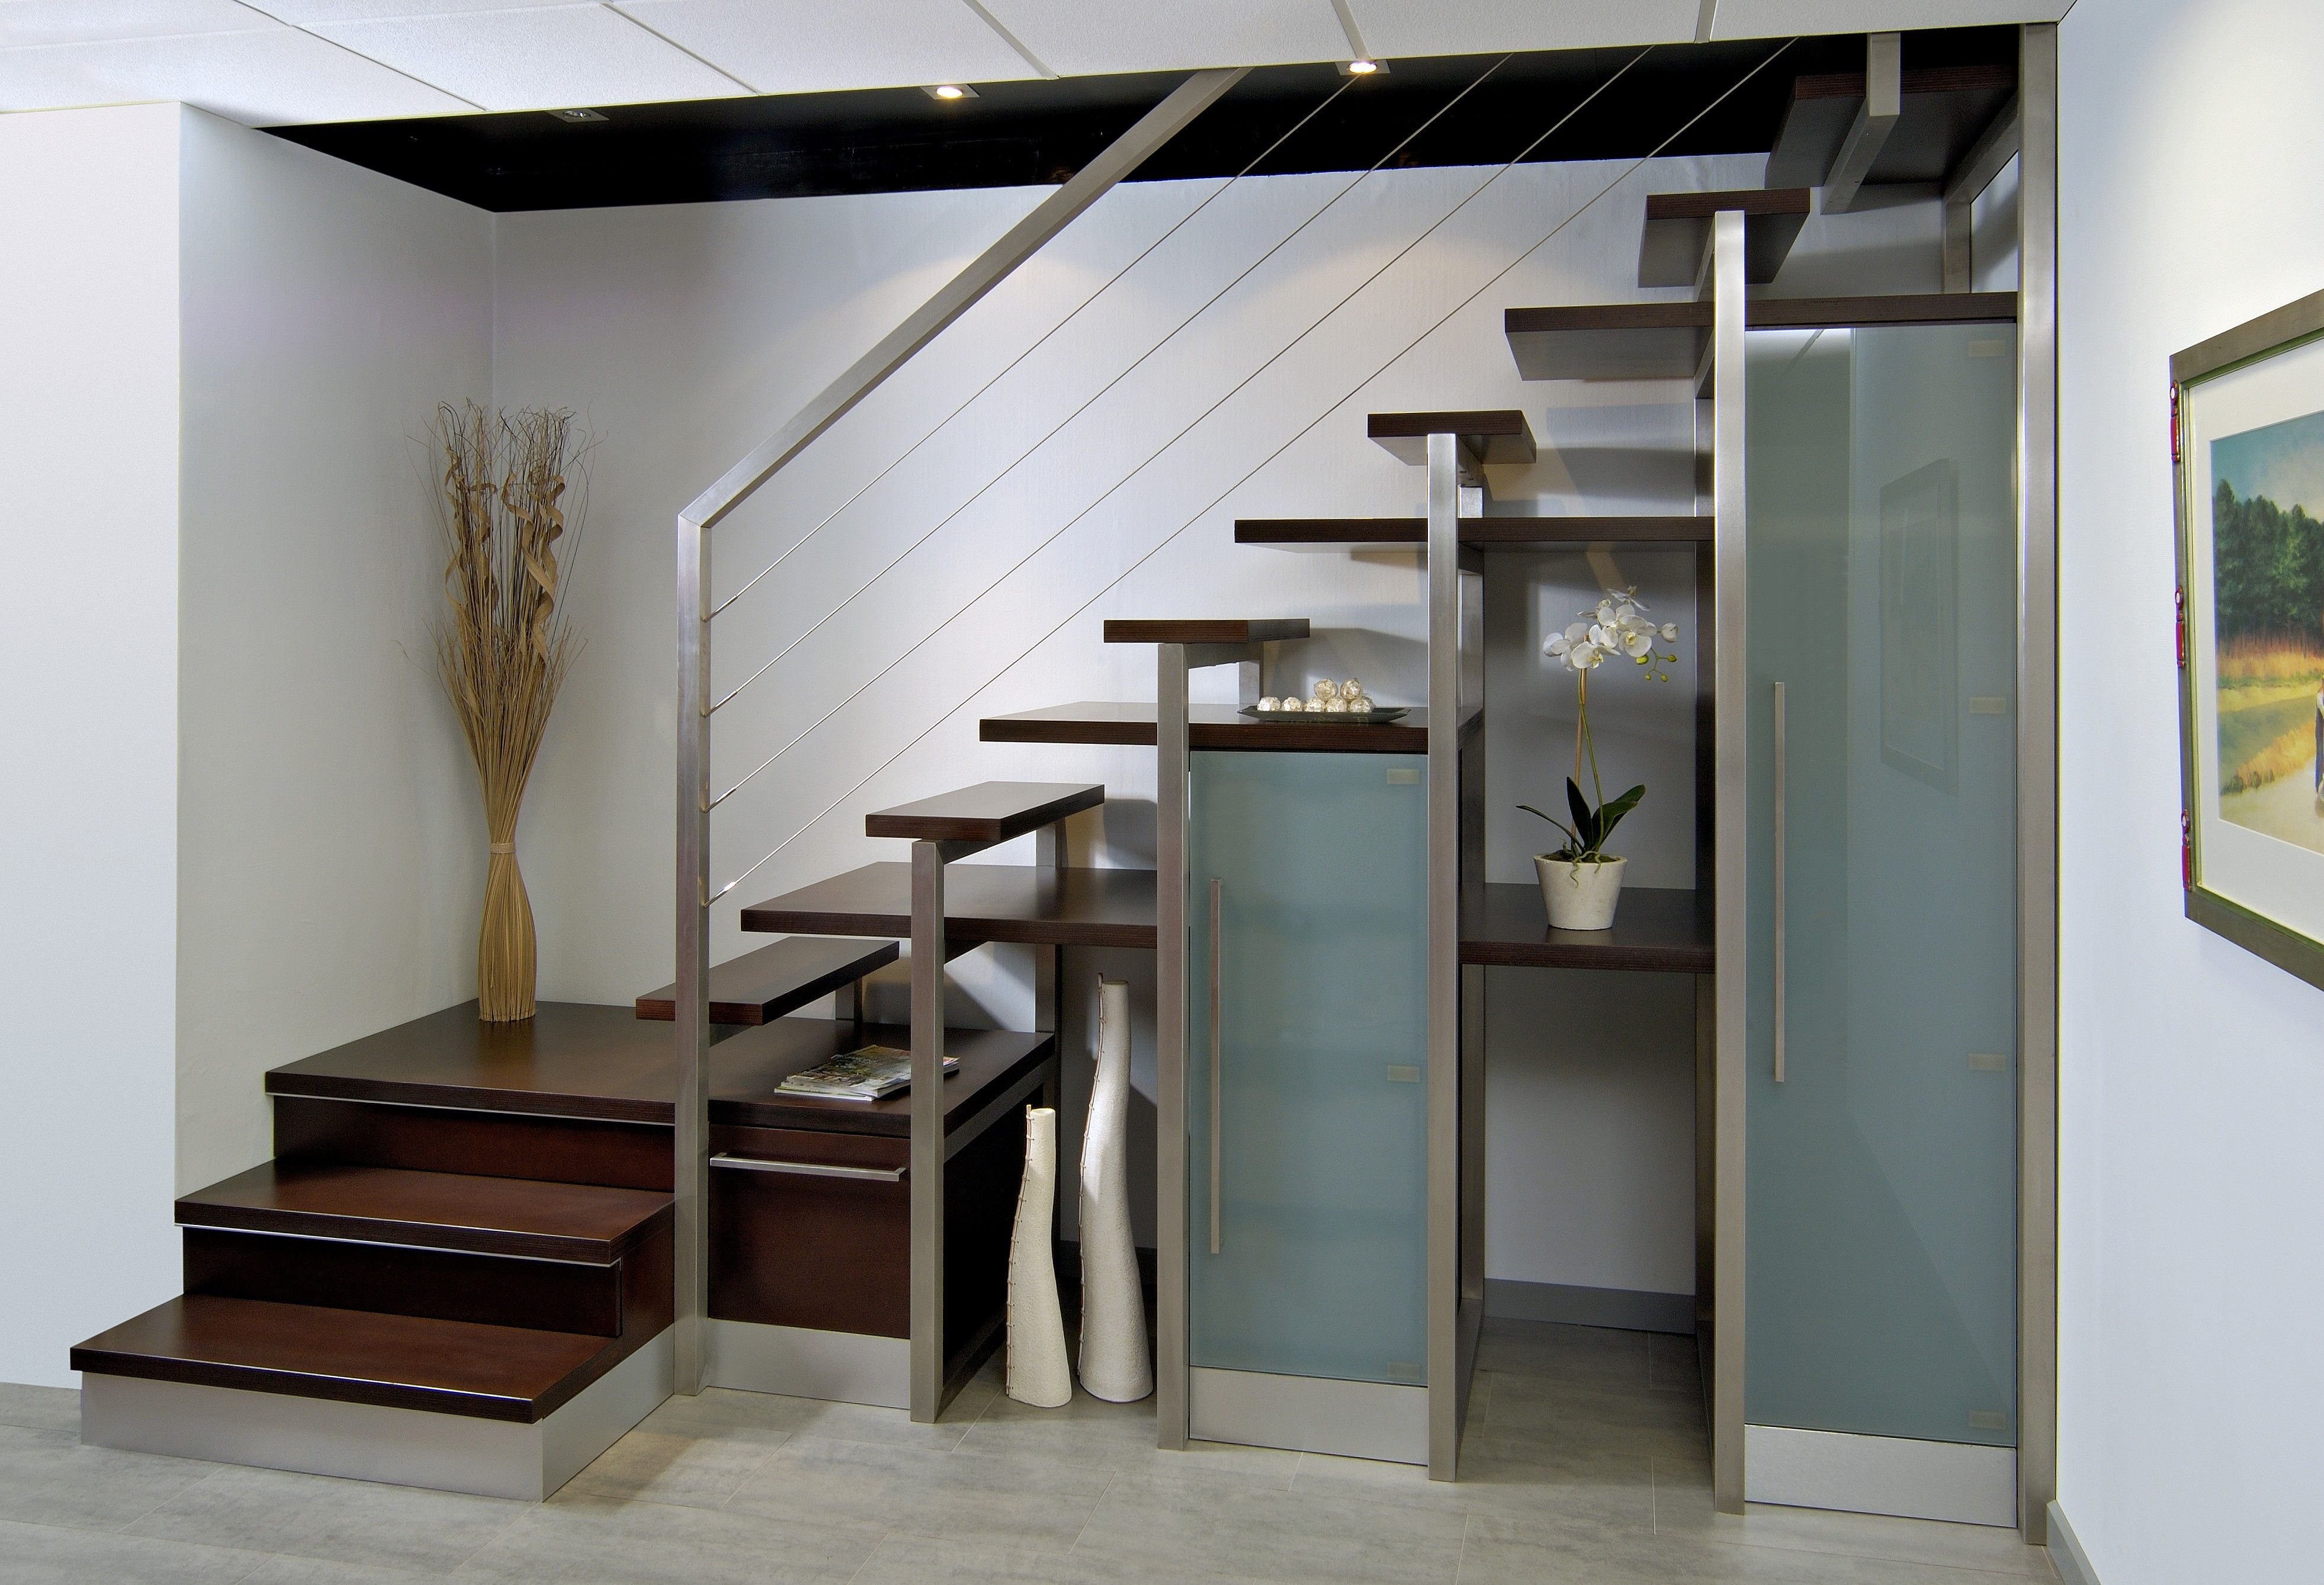 Escalier Sans Contremarche Meilleur De Am Nagez Un Espace De Avec Escalier Sans Contremarche Meilleur De Am Nagez U Meuble Sous Escalier Escalier Sous Escalier